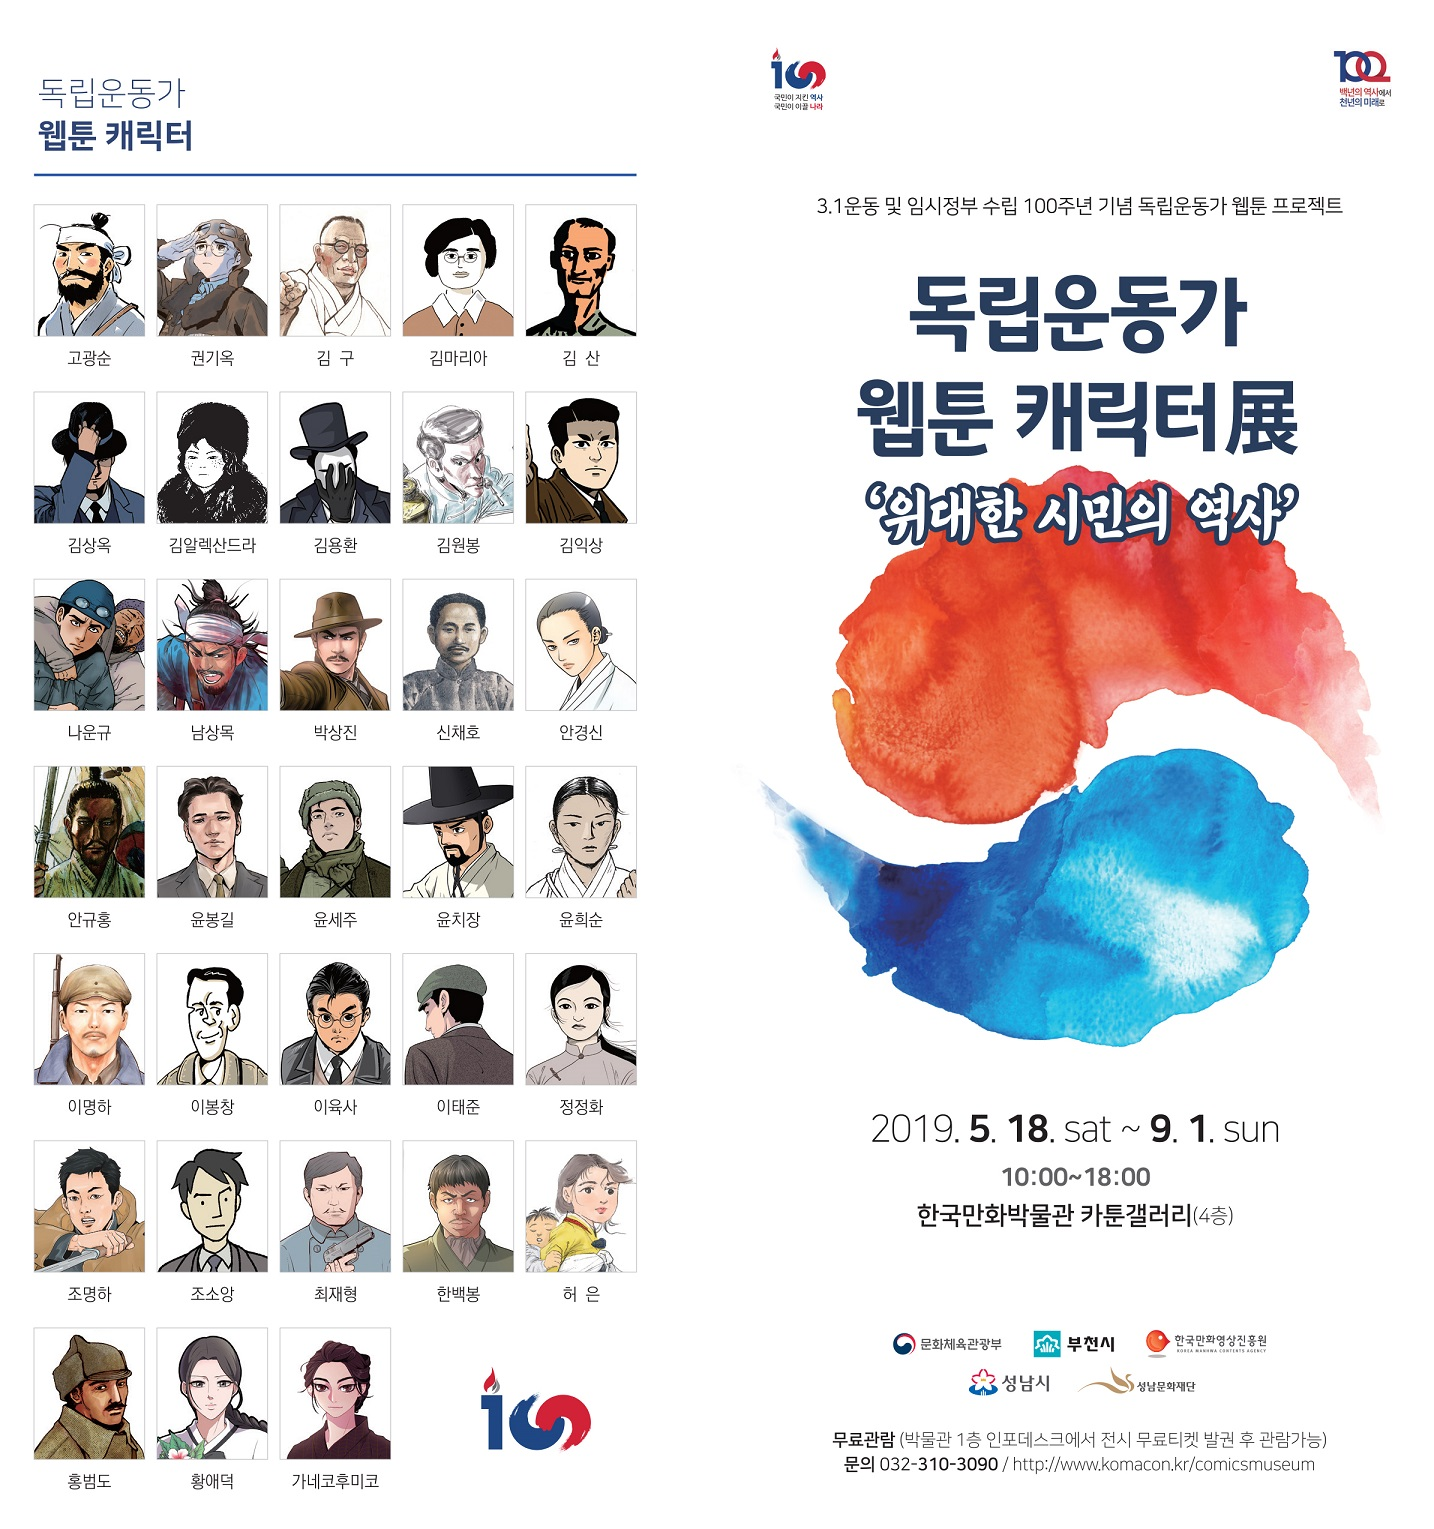 """한국만화영상진흥원, 독립운동가 웹툰 캐릭터 전시 """"위대한 시민의 역사"""" 개최"""